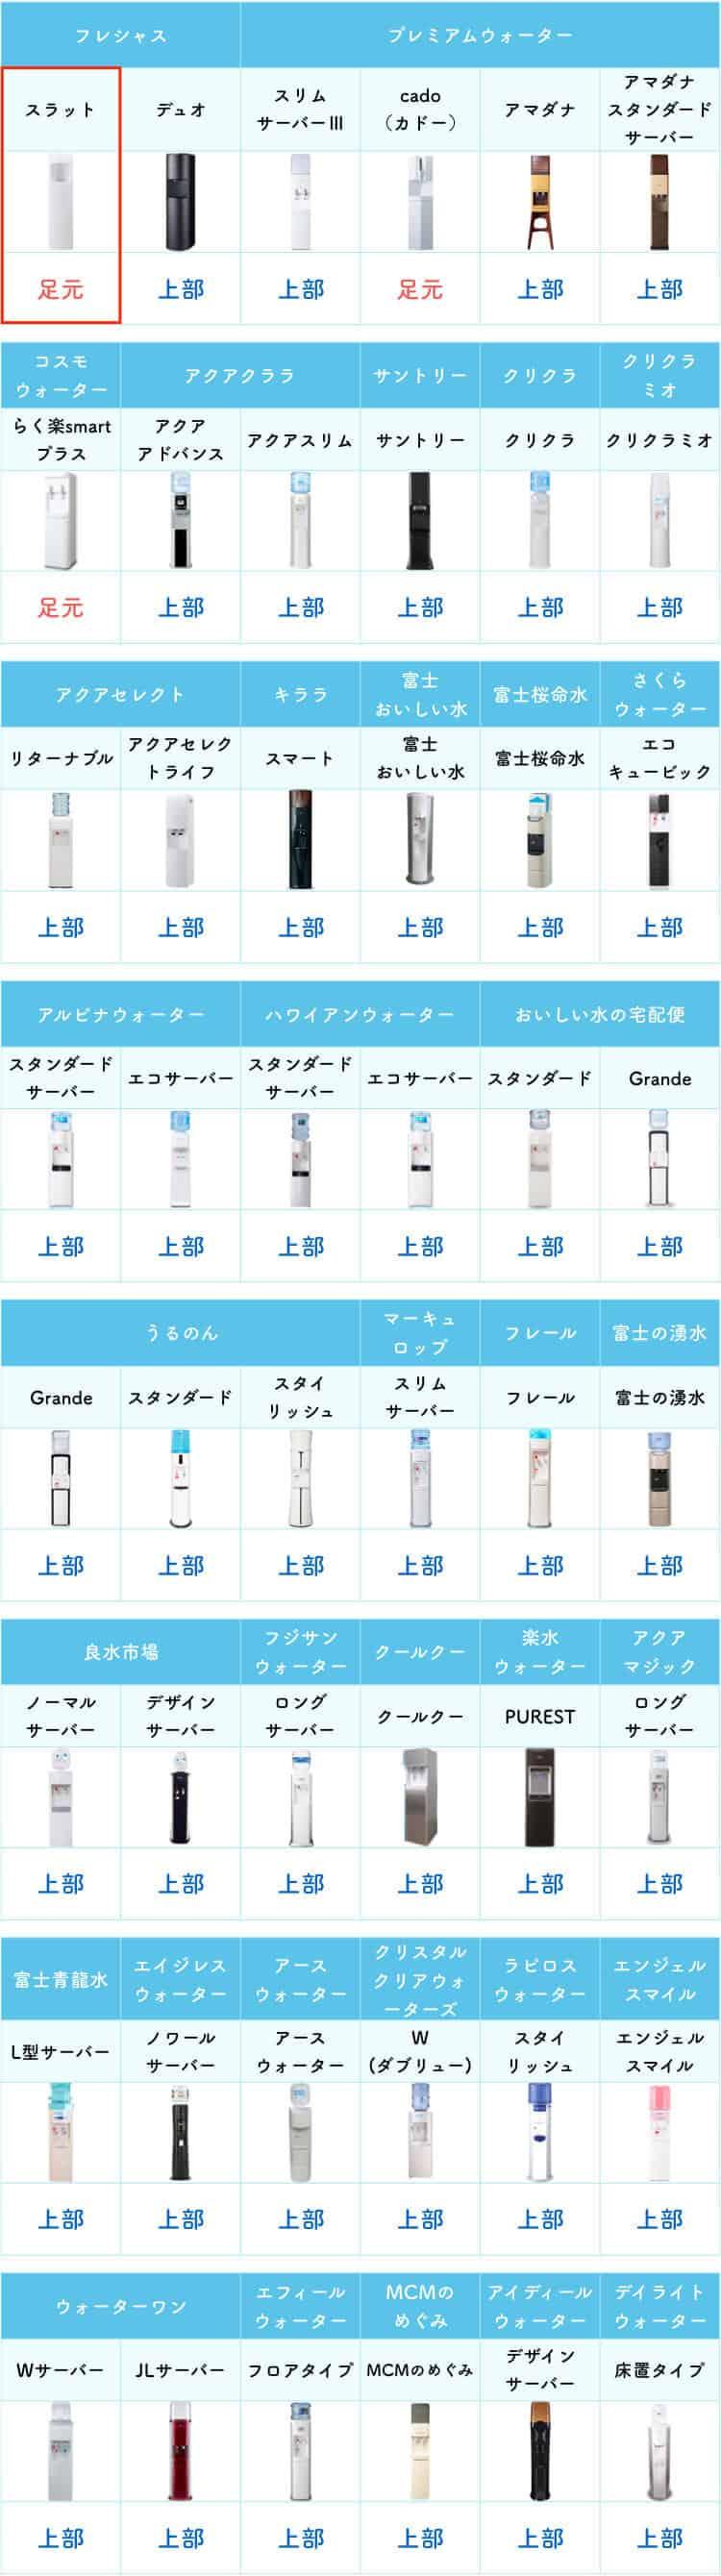 ボトル交換をする箇所を比較した表